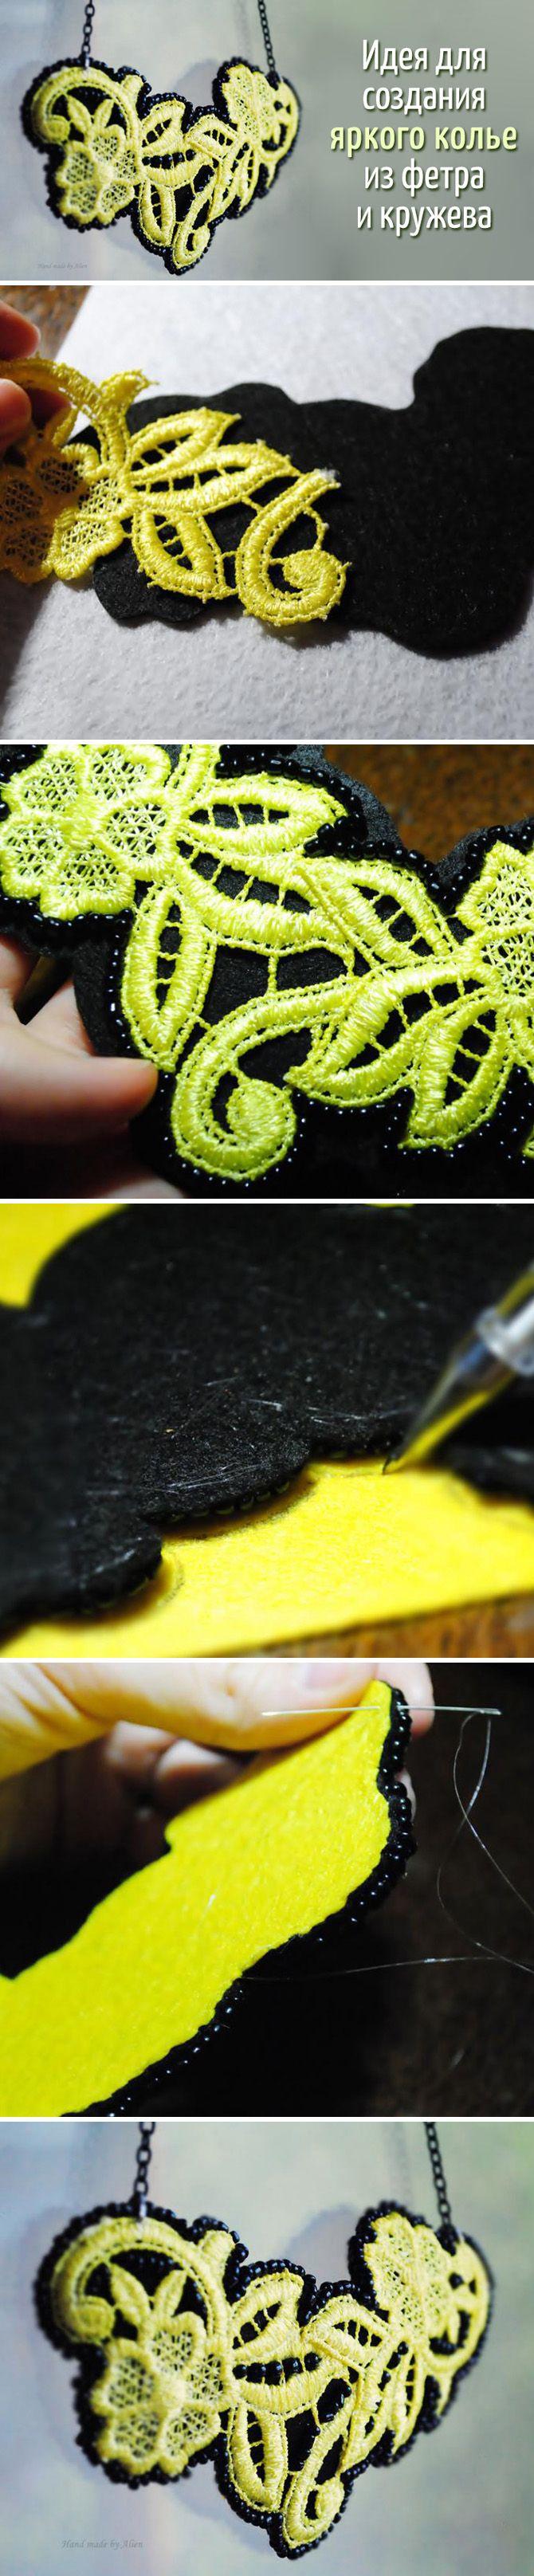 Идея для создания яркого колье из фетра и кружева #diy #tutorial #craftidea #lace